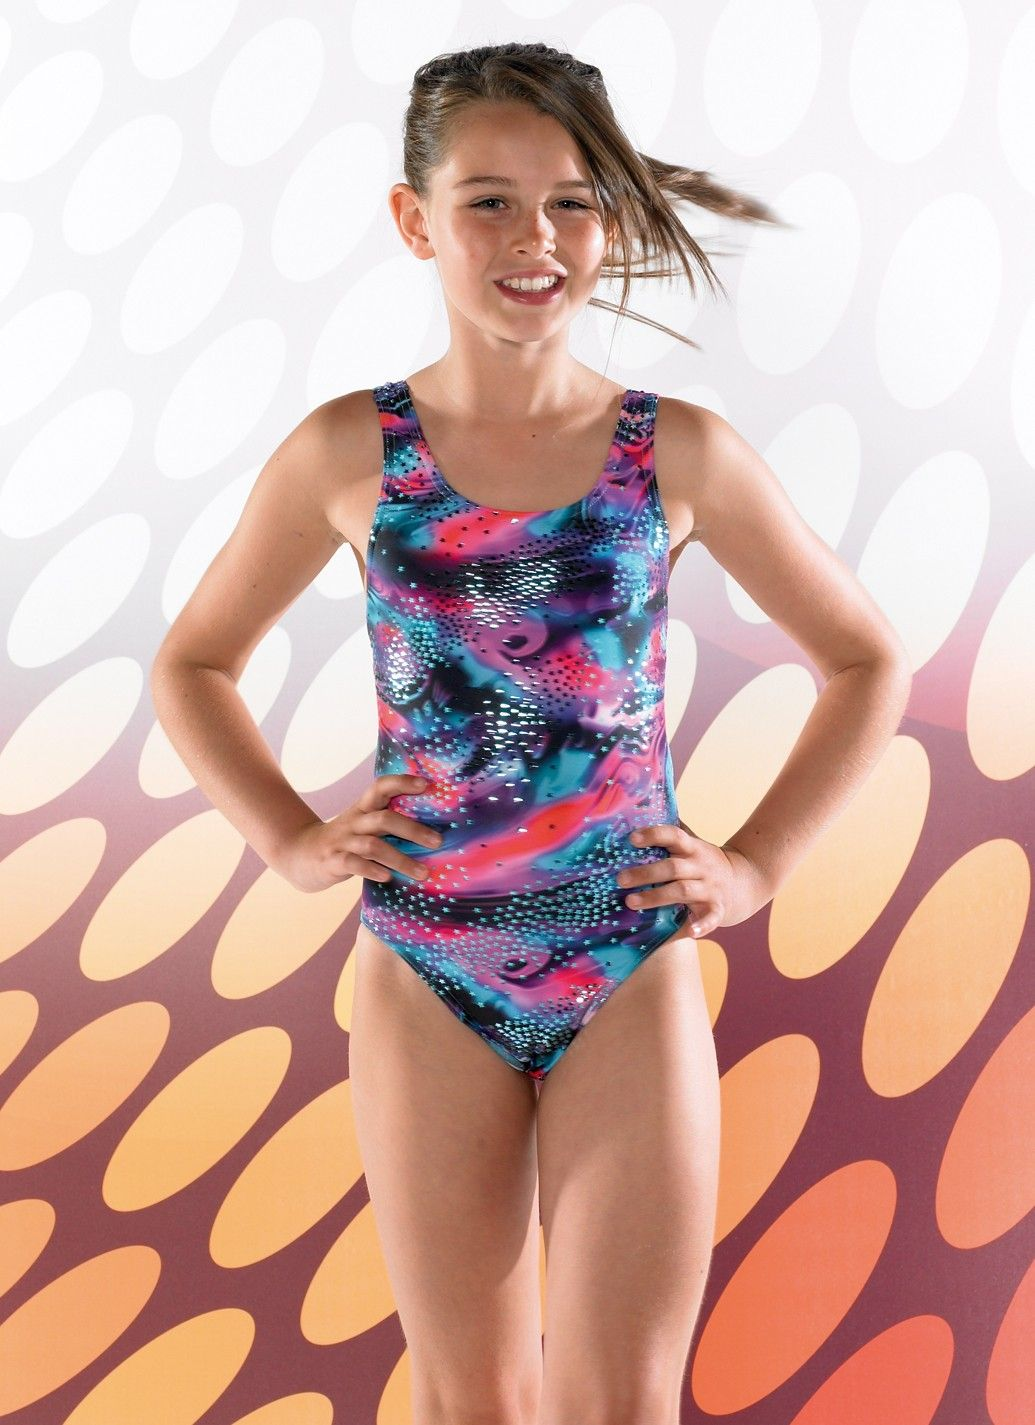 junior swimsuit images